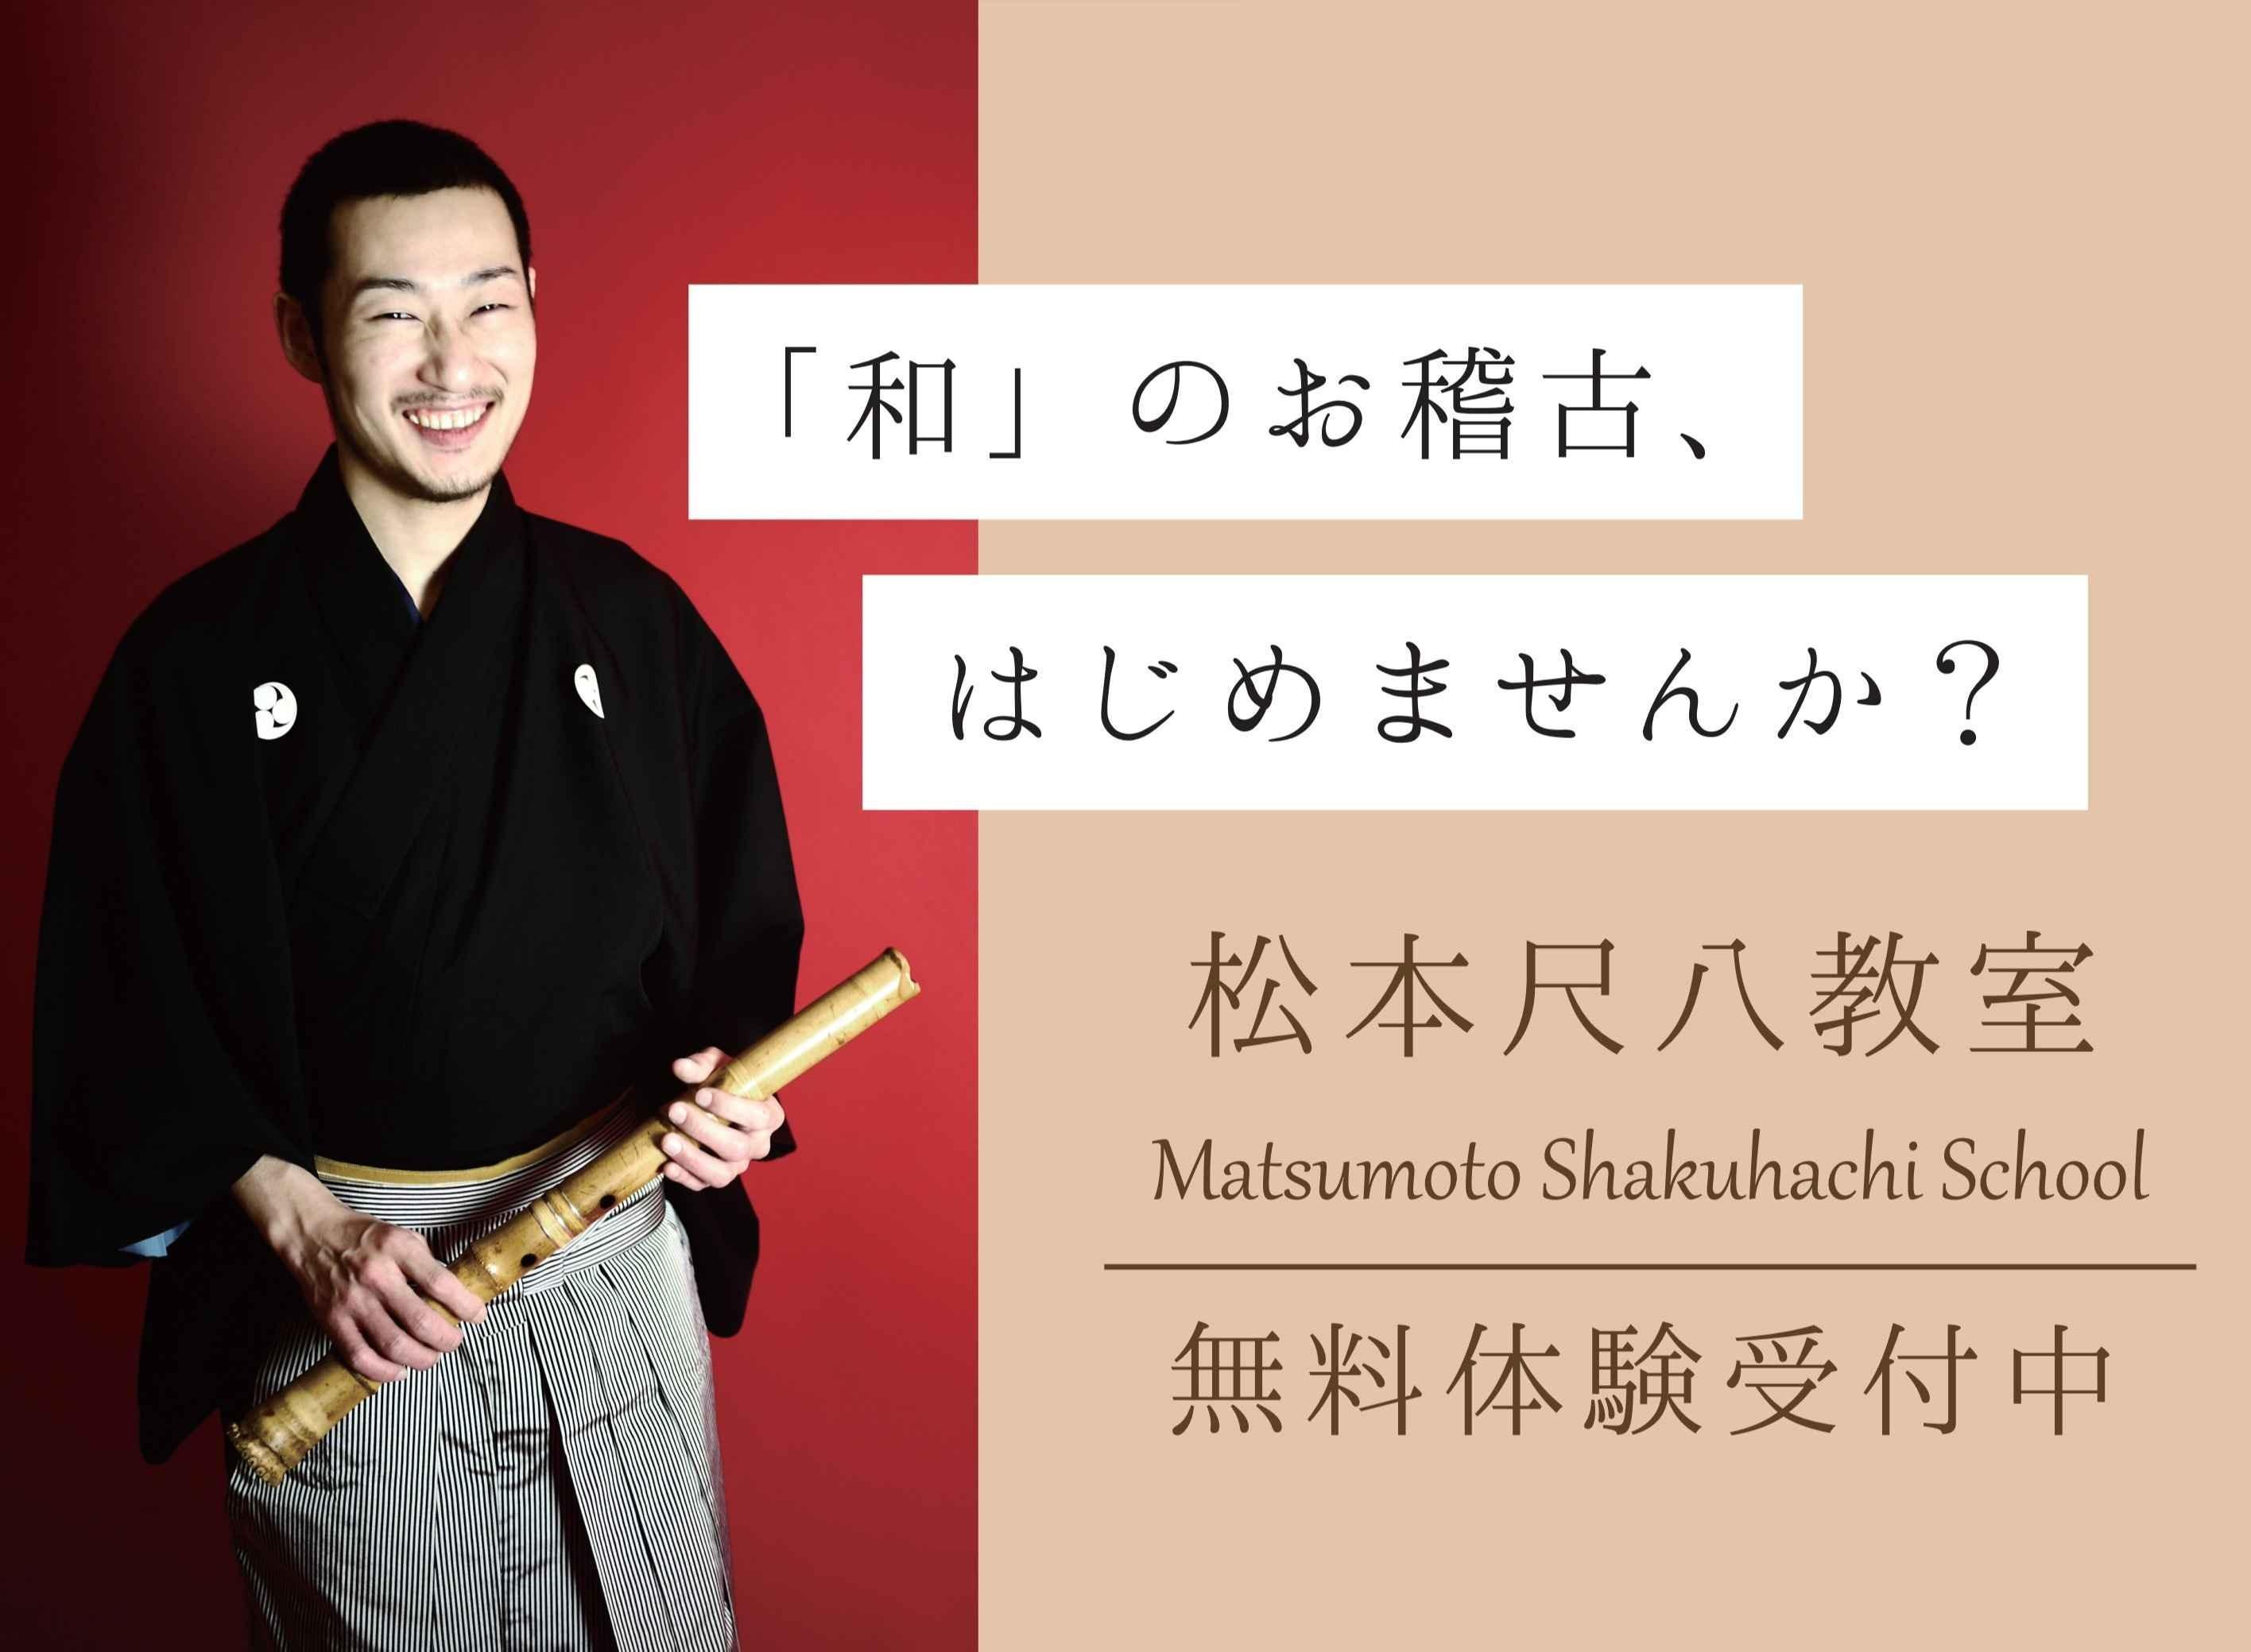 松本宏平尺八教室<大阪教室>